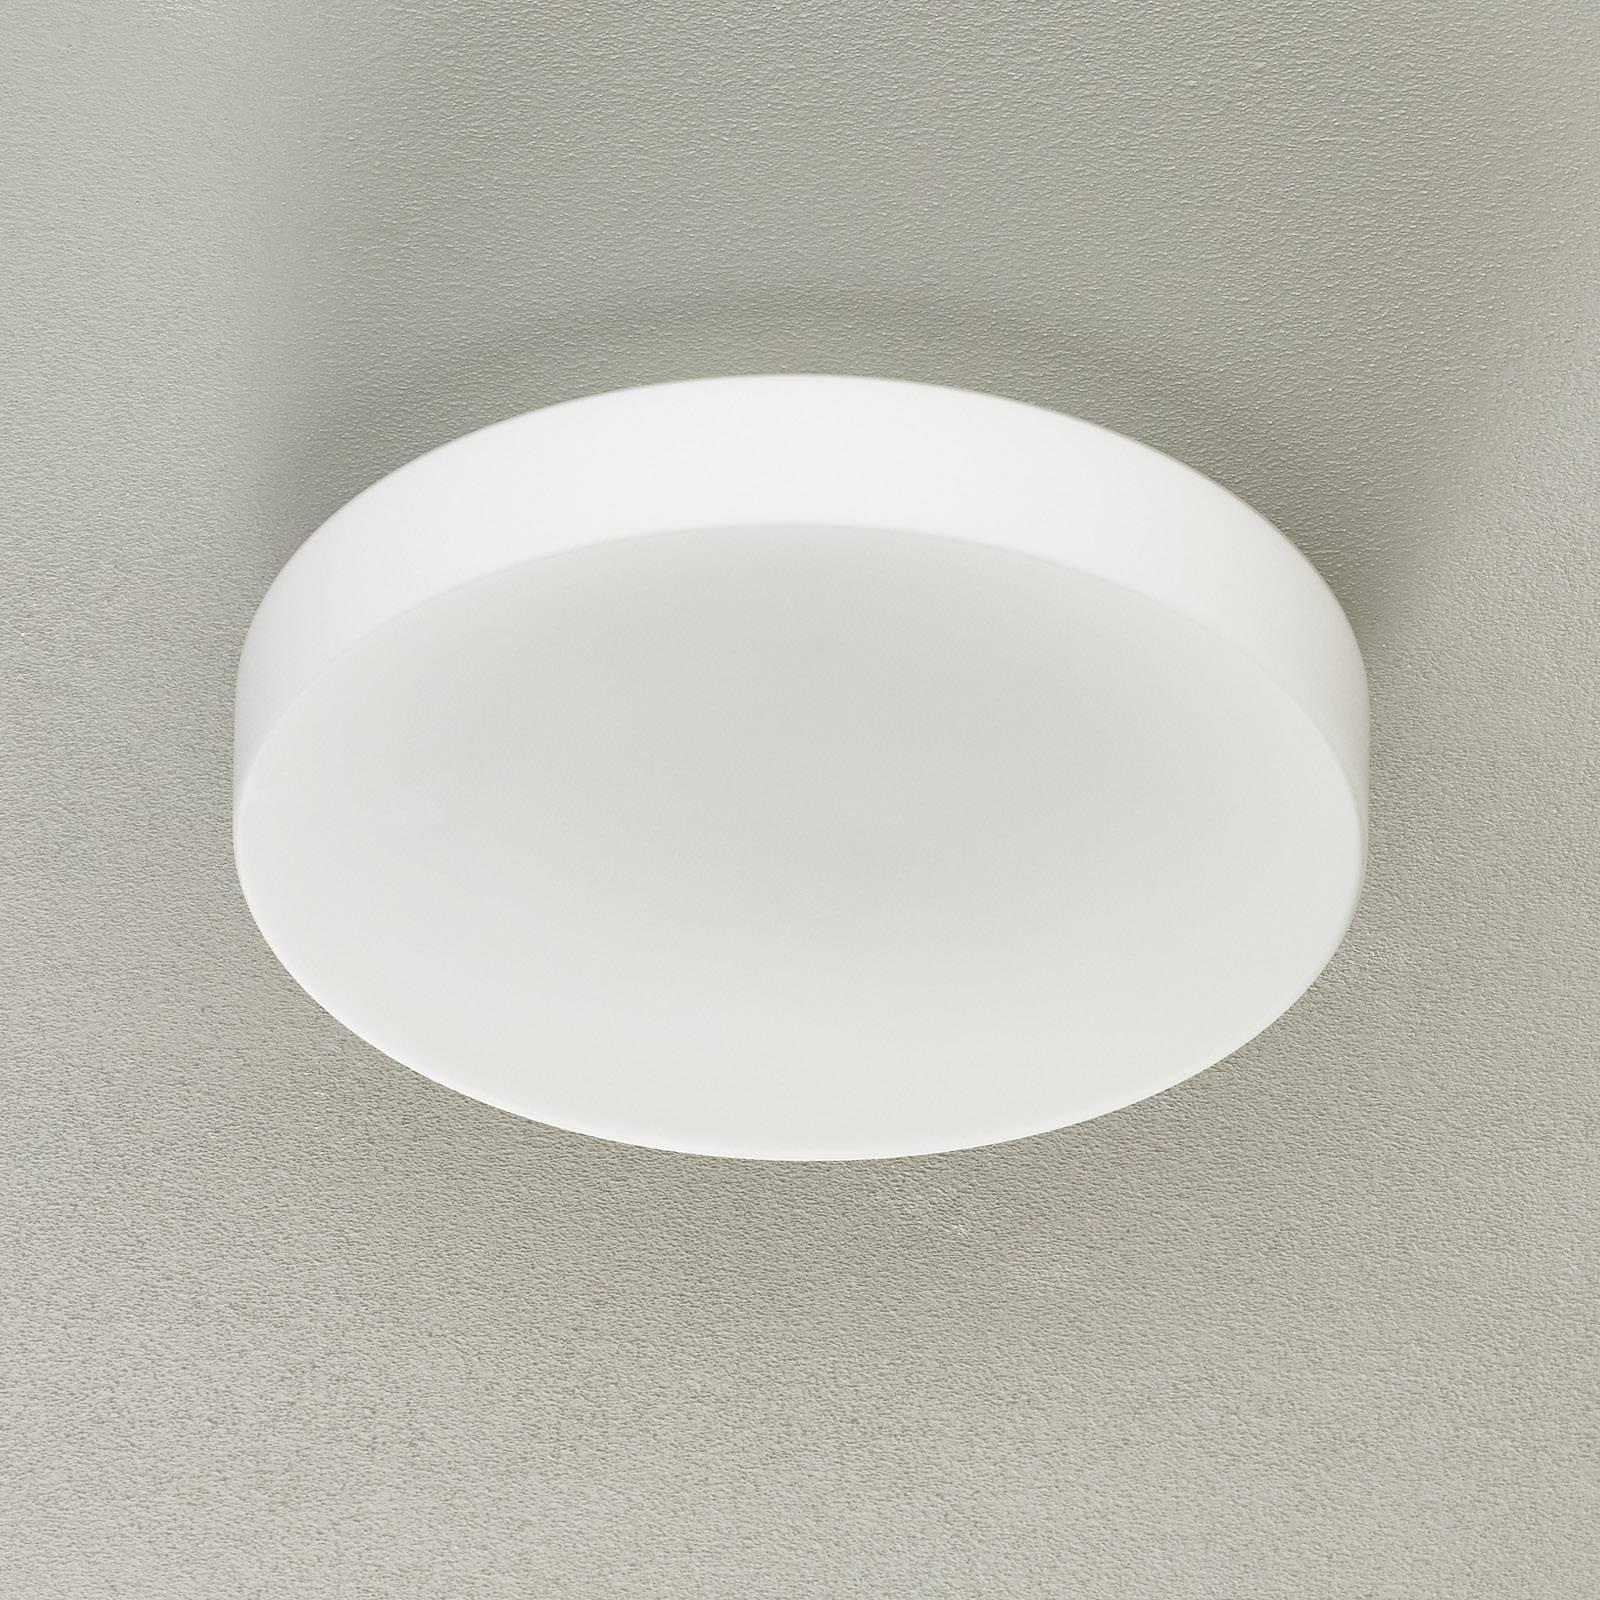 BEGA 34288 LED-kattovalaisin lasi DALI 3000K Ø39cm